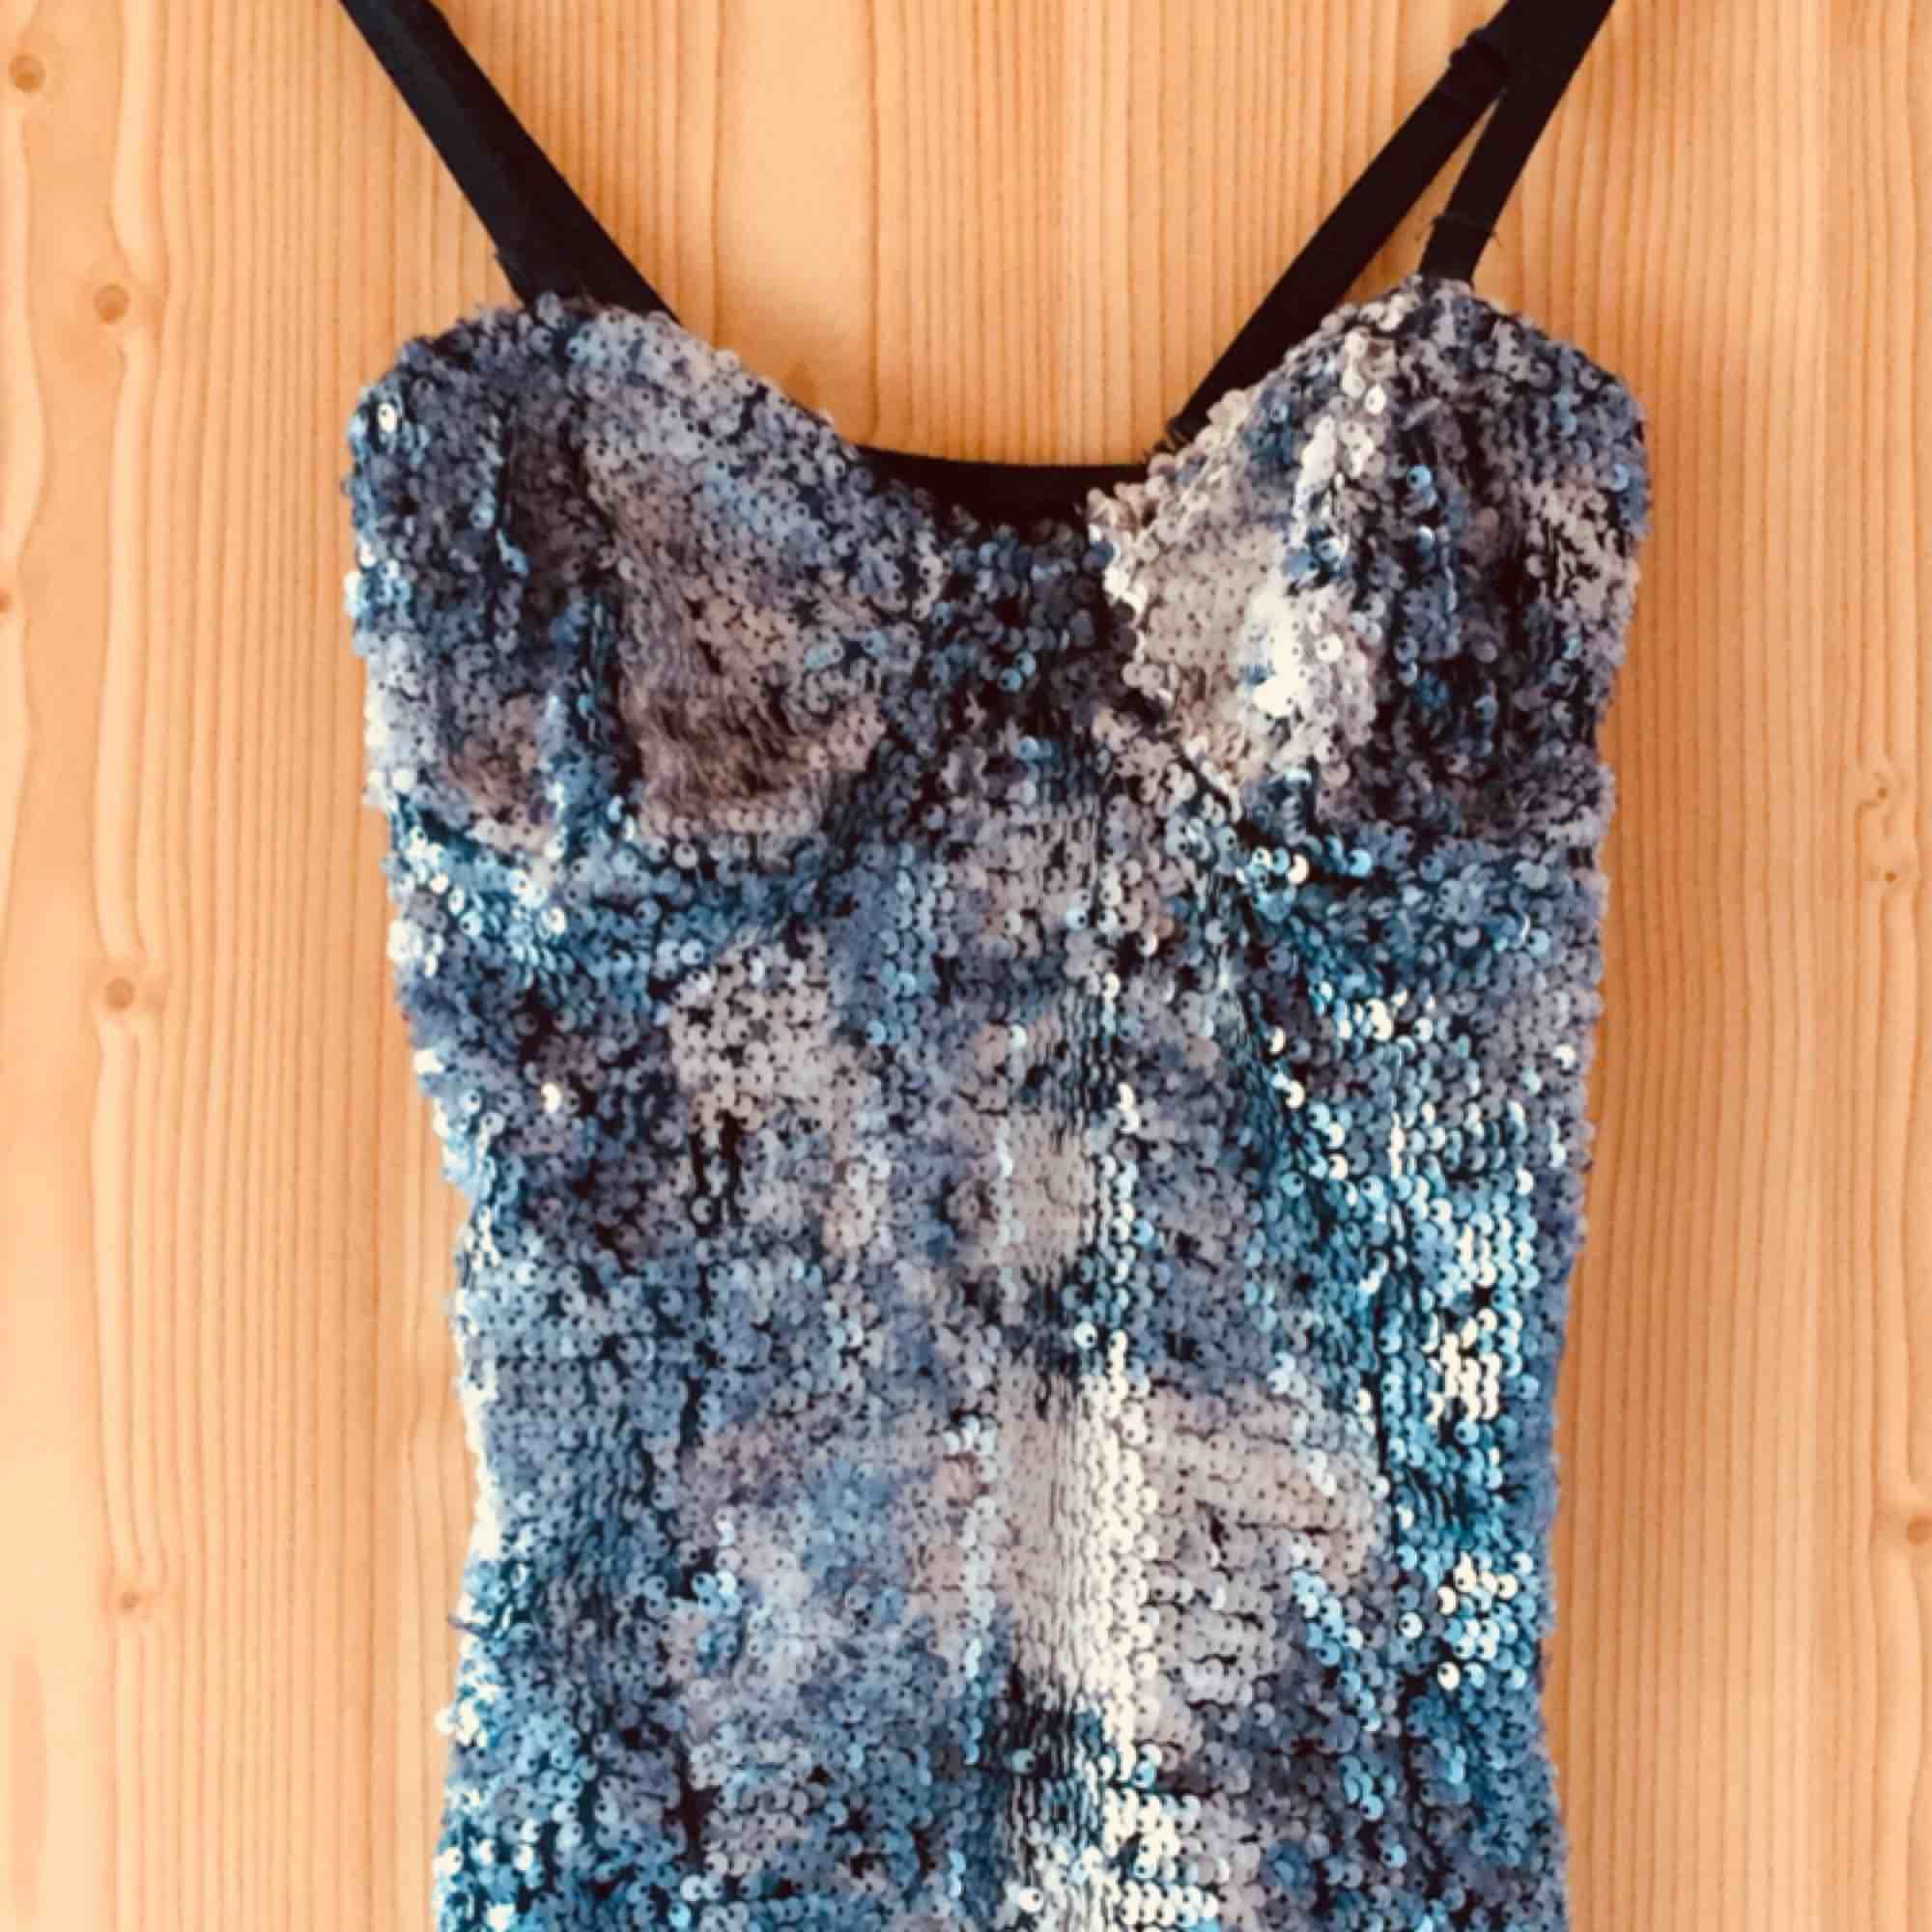 Tight och snyggt glittrande body med mörkblått genomskinligt tyg bak. Axelbanden är justerbara och avtagbara.. Toppar.